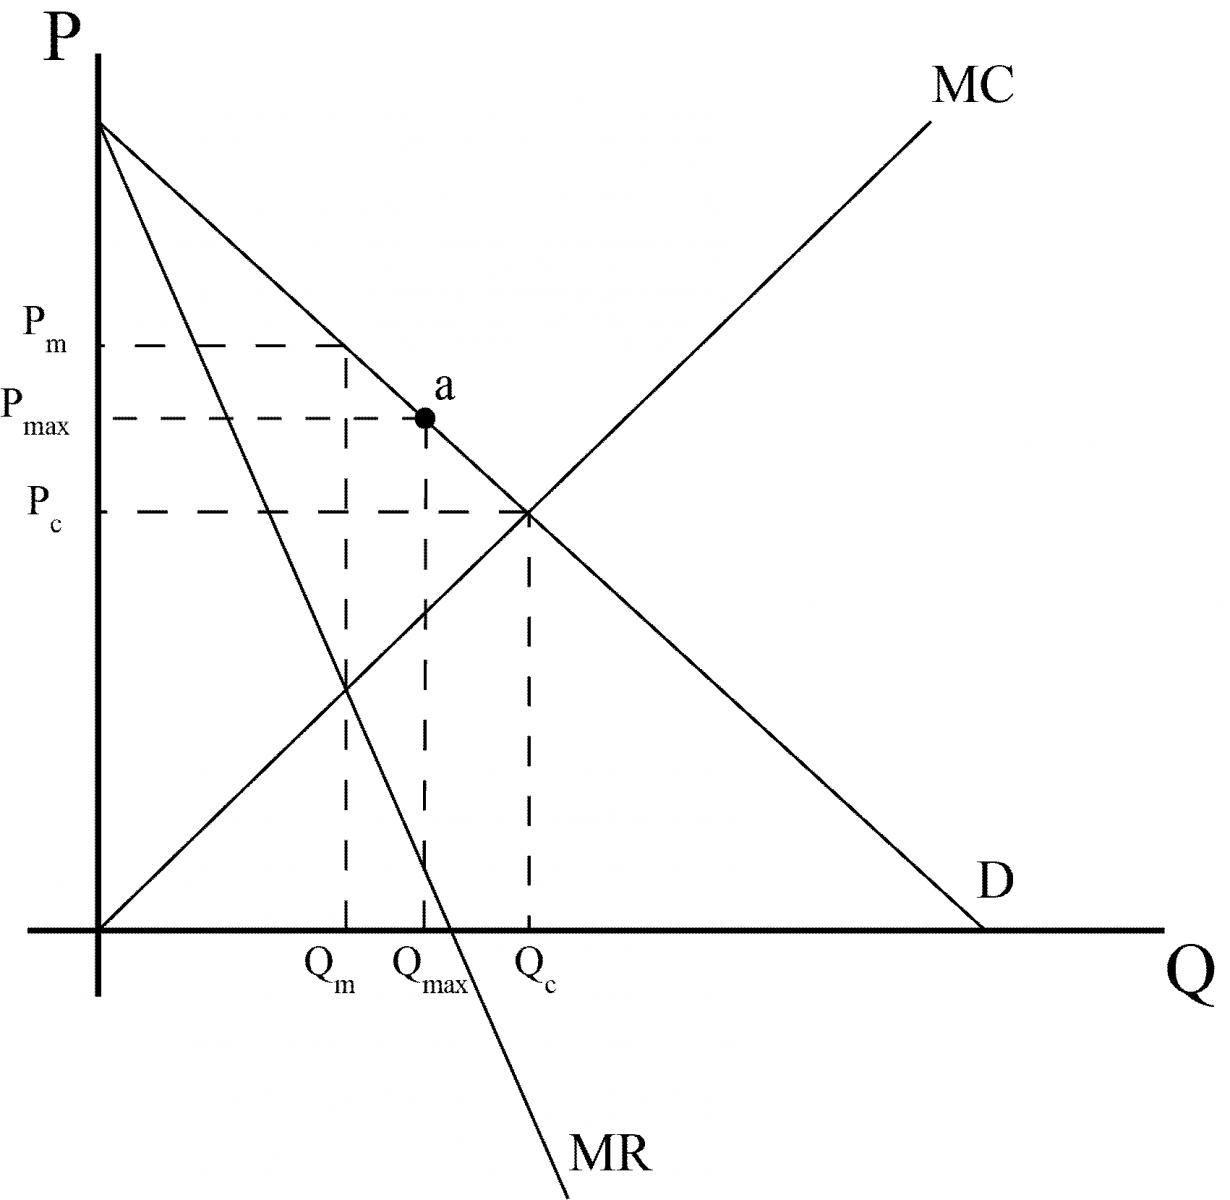 מחיר מקסימום - תרשים 22